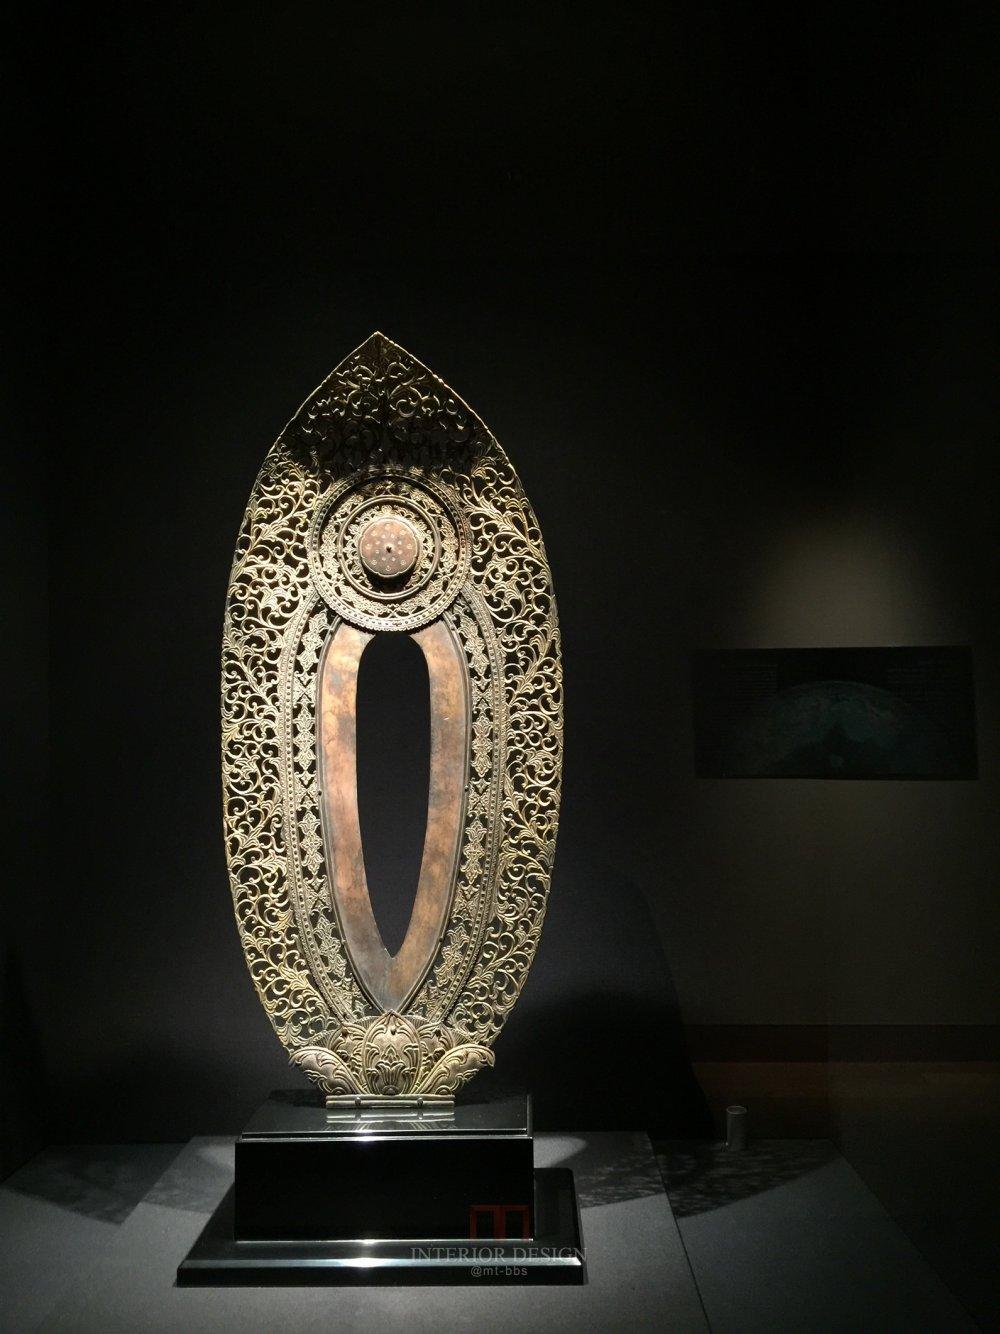 日本美秀美术馆MIHO MUSEUM自拍分享-贝聿铭_IMG_7290.JPG